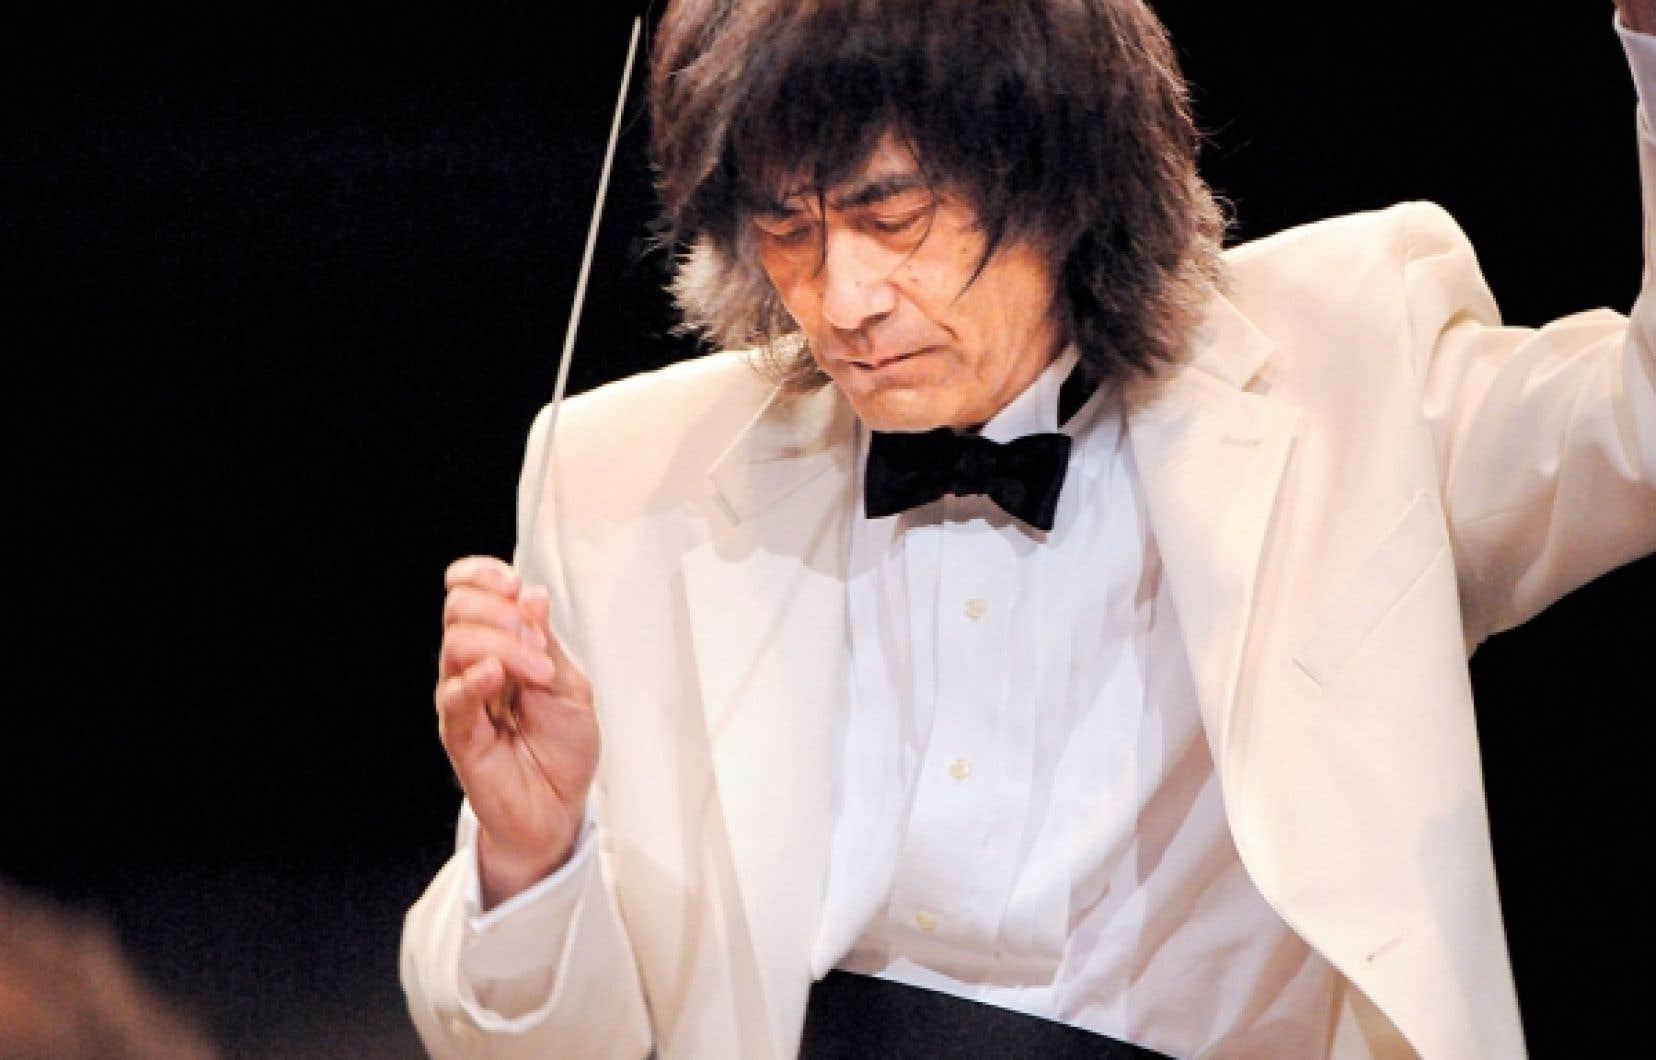 Le chef d'orchestre Kent Nagano souhaite intégrer la musique classique à «l'atmosphère très spéciale de Montréal pendant l'été» grâce à La Virée classique.